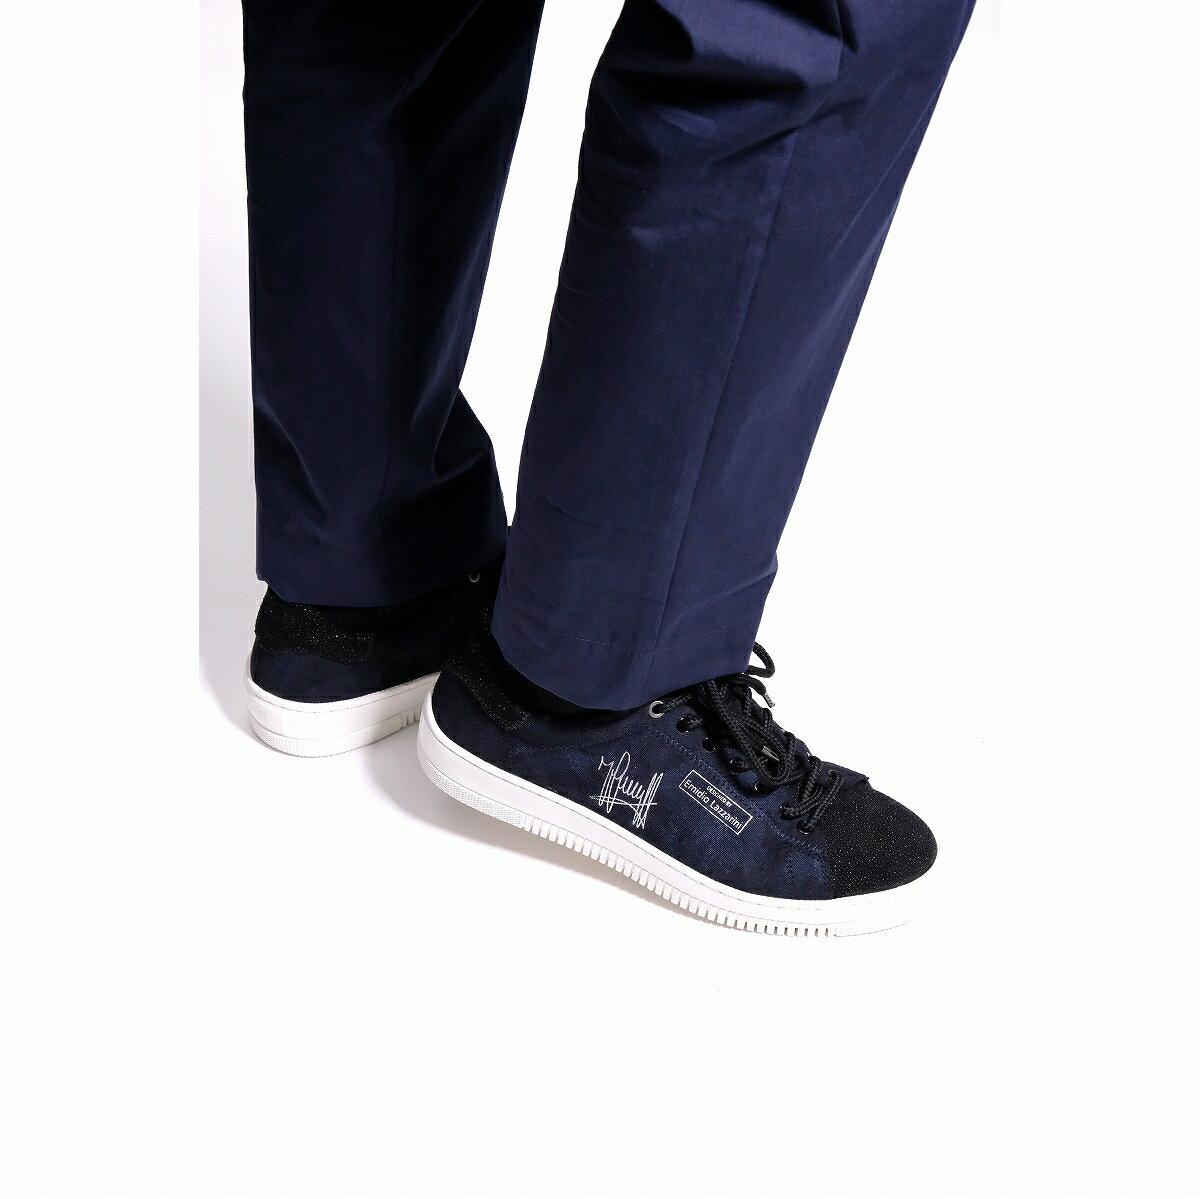 メンズ靴, スニーカー SALE 20OFF CRUYFF JOAN (3 NAVYBLACKBLACKBLACKDARK GREENBLACK) CC6350183350